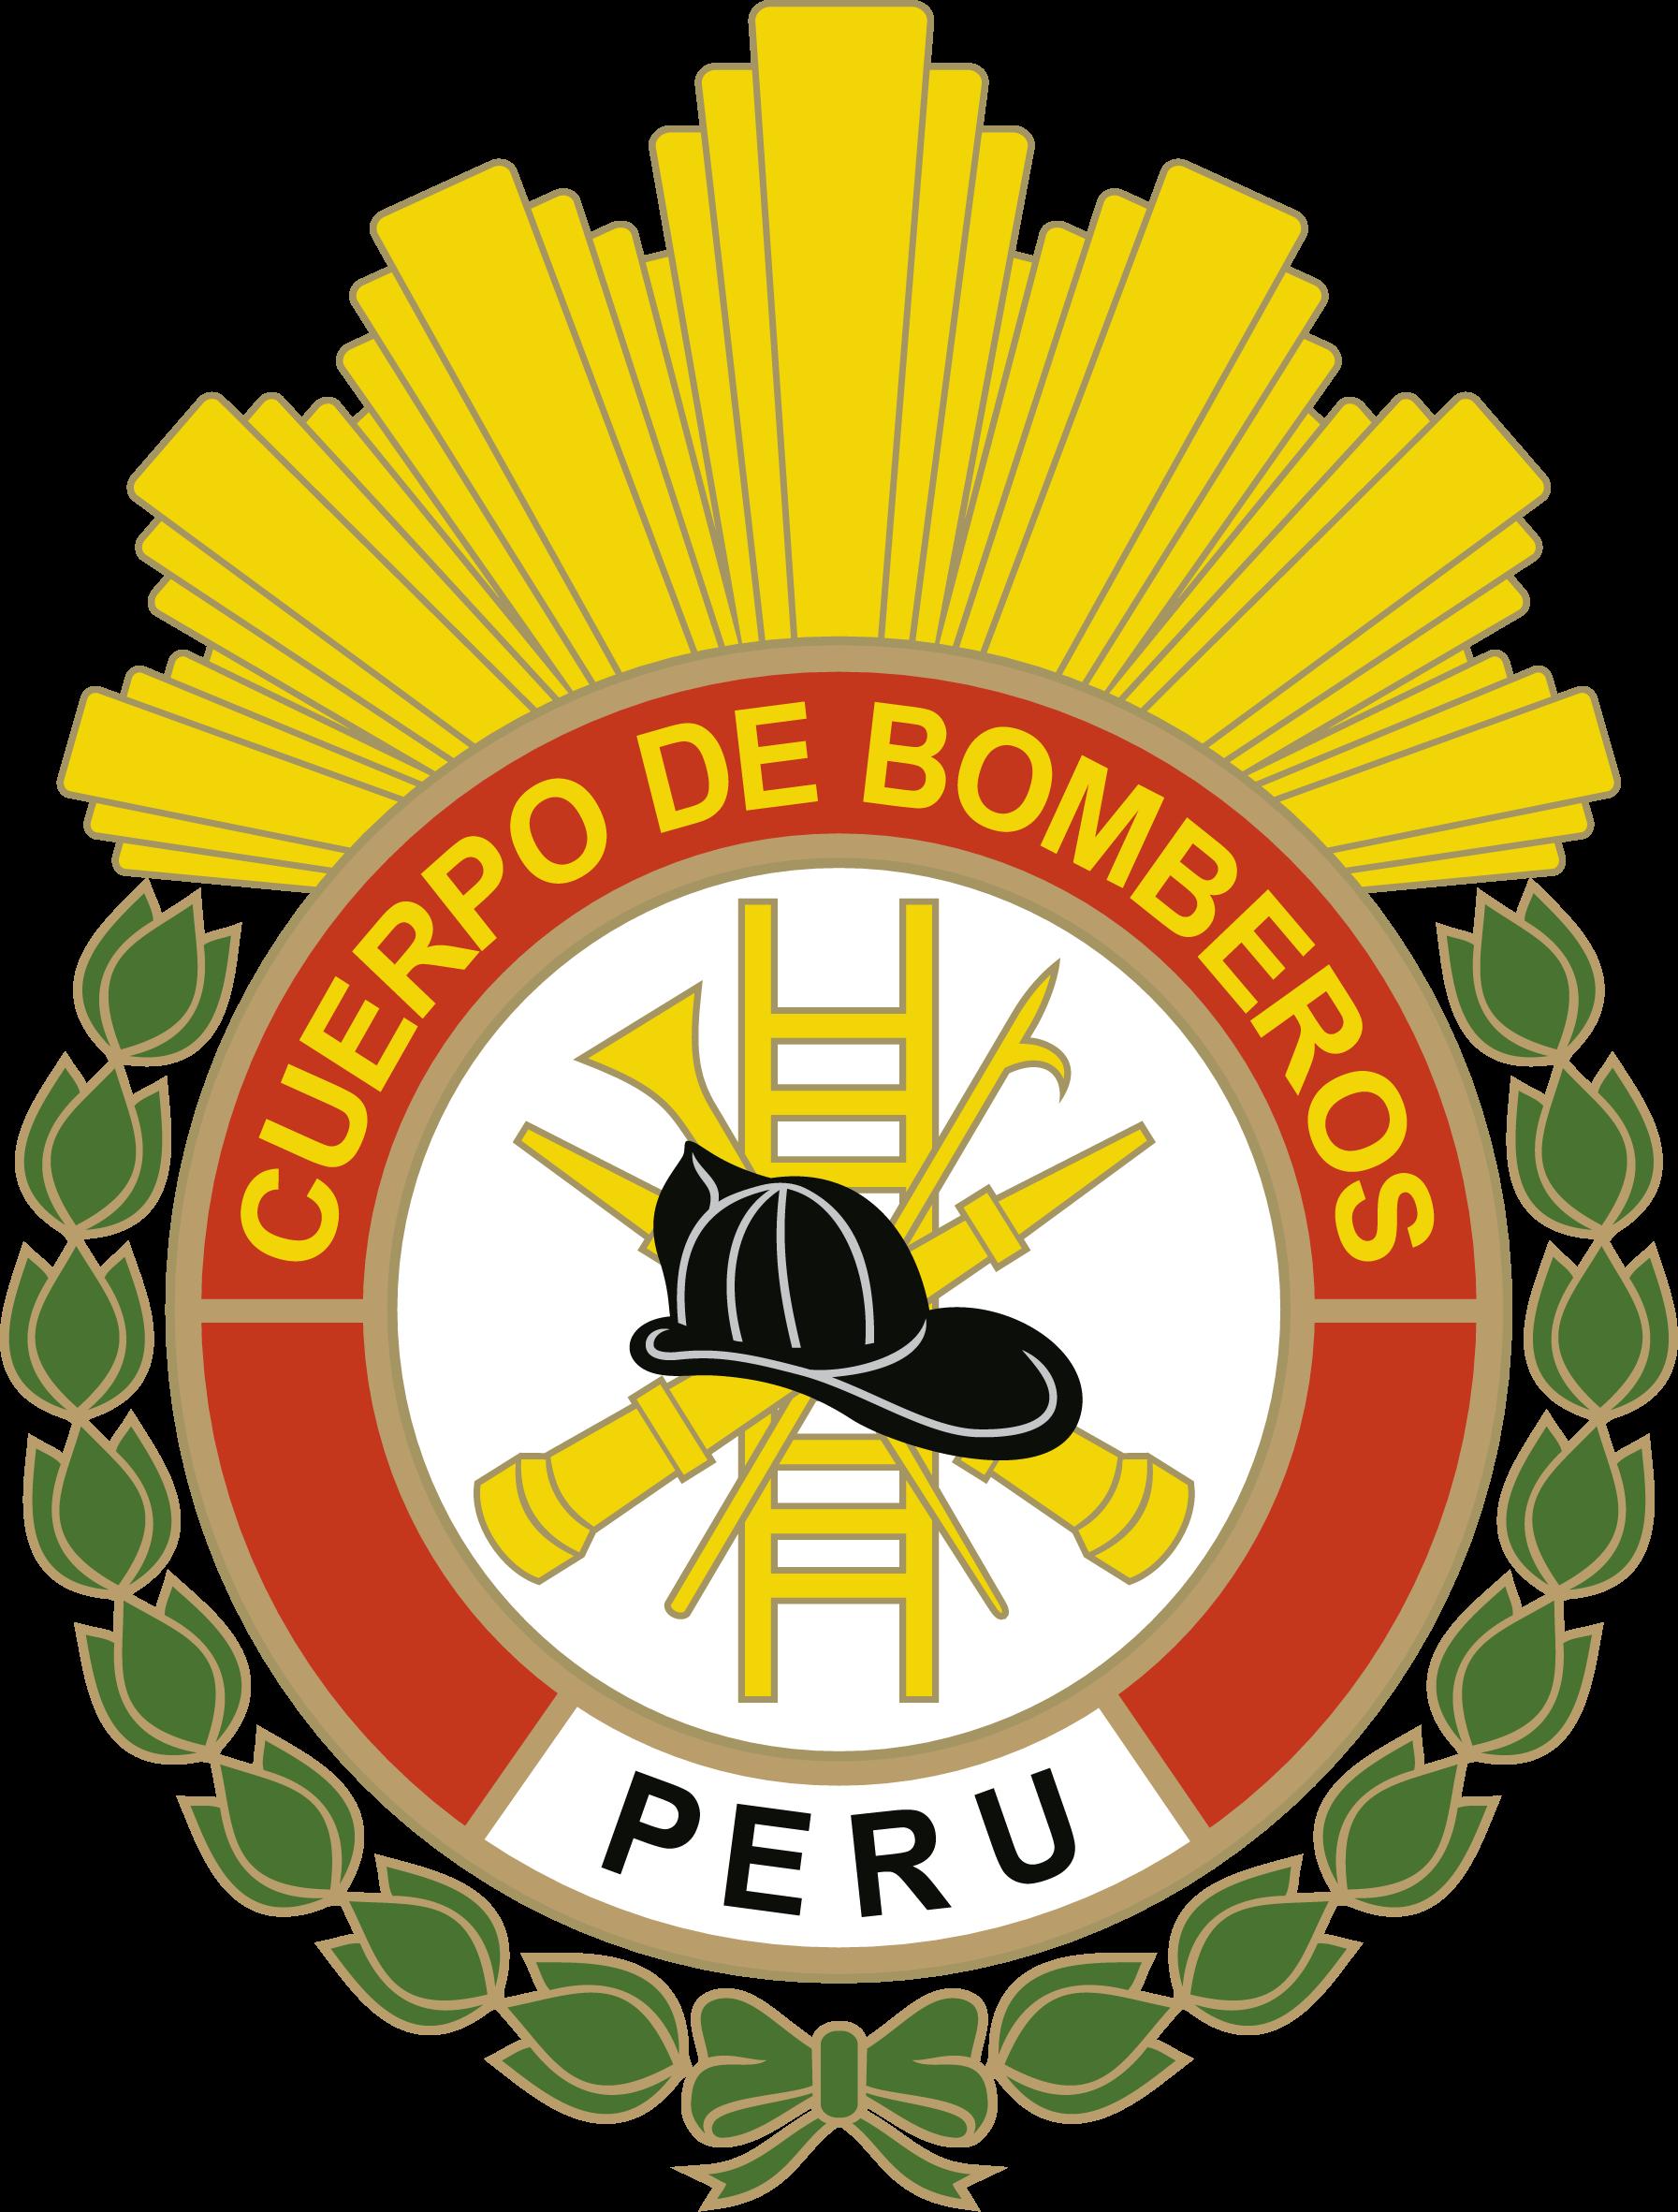 Cuerpo de bomberos de Perú